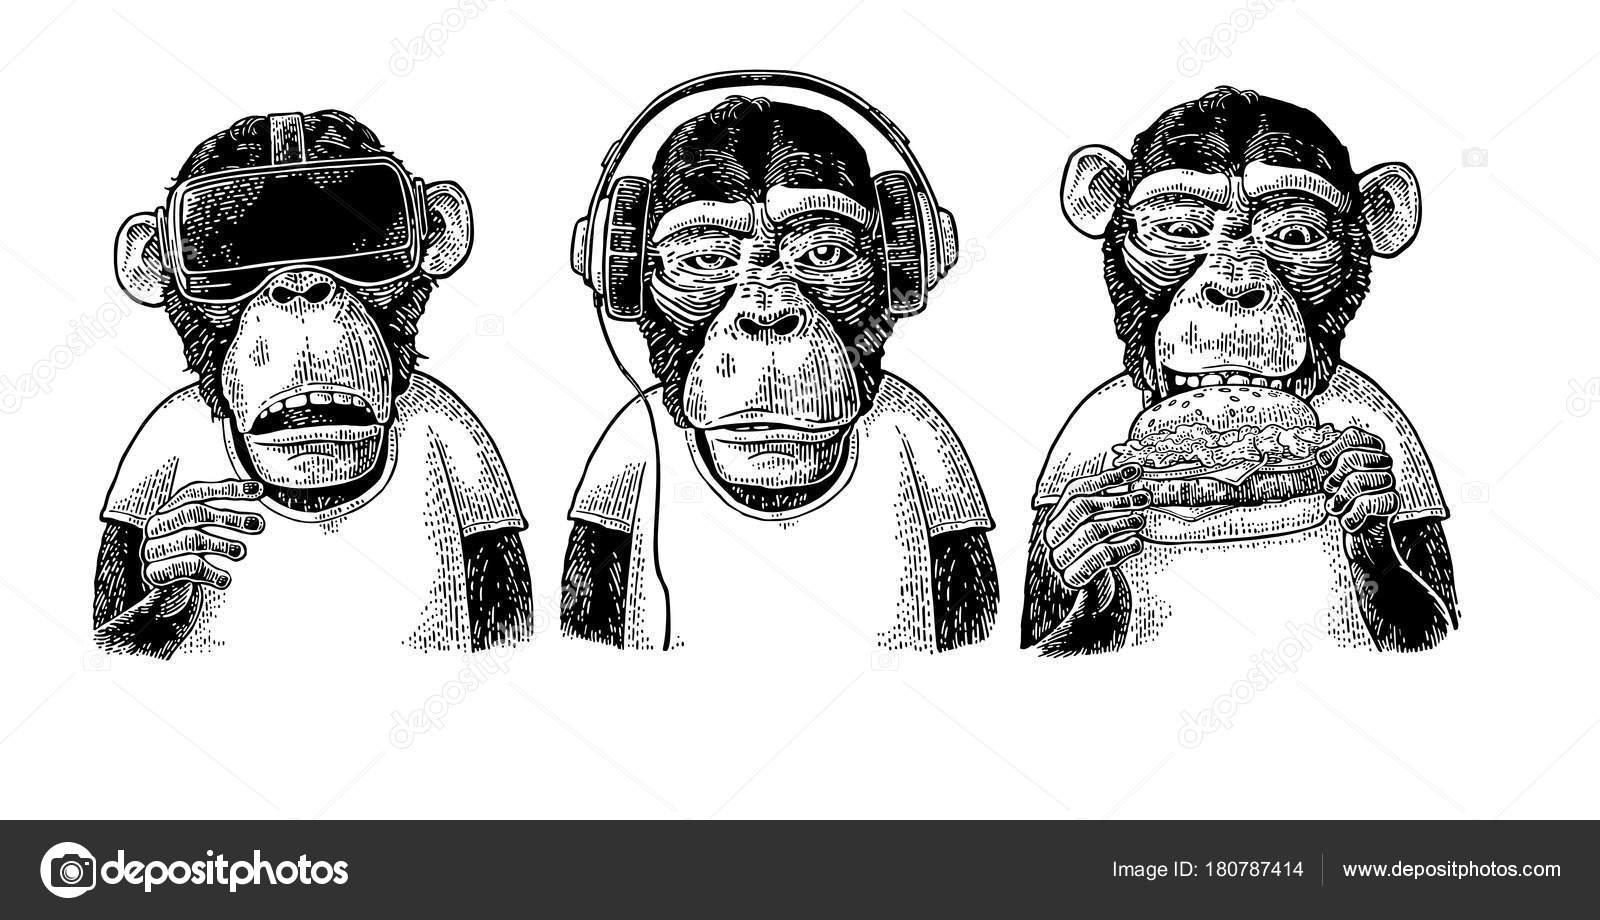 3 Monos Sabios Tatuajes vectores de stock de mono en camisa, ilustraciones de mono